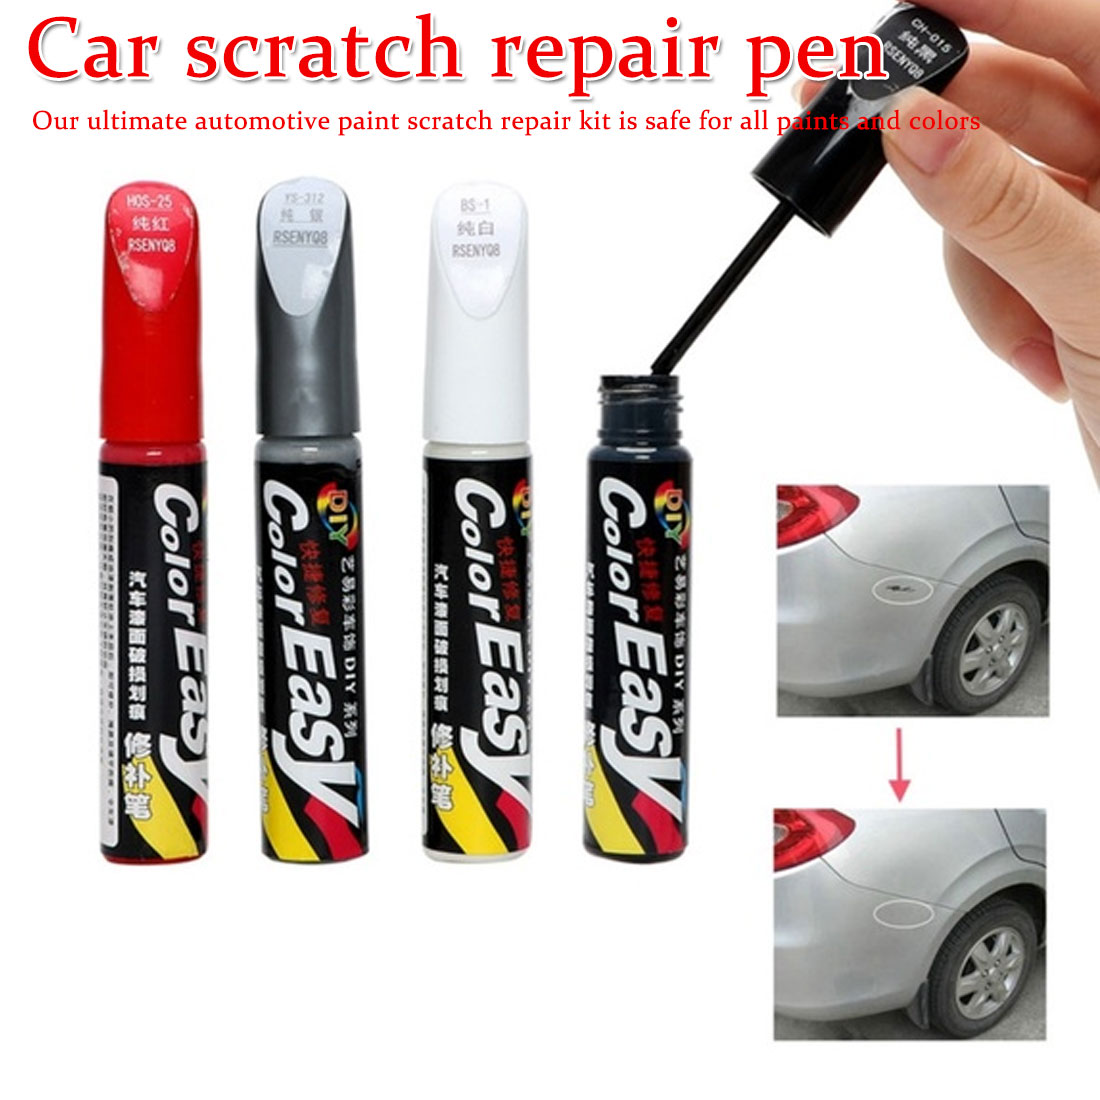 BU-Bauty Car Scratch Repair Fix Auto Care Scratch Remover Maintenance Paint Pen Car Styling Professional 4 Colors